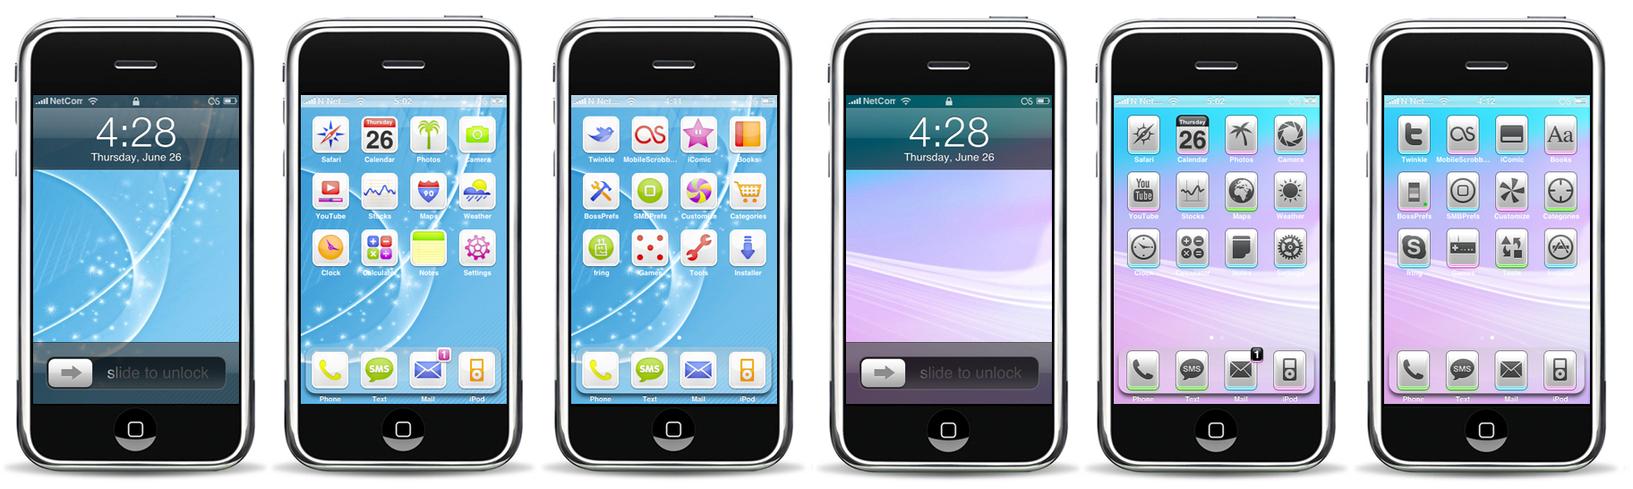 iPhone July 2008 by wariusffs